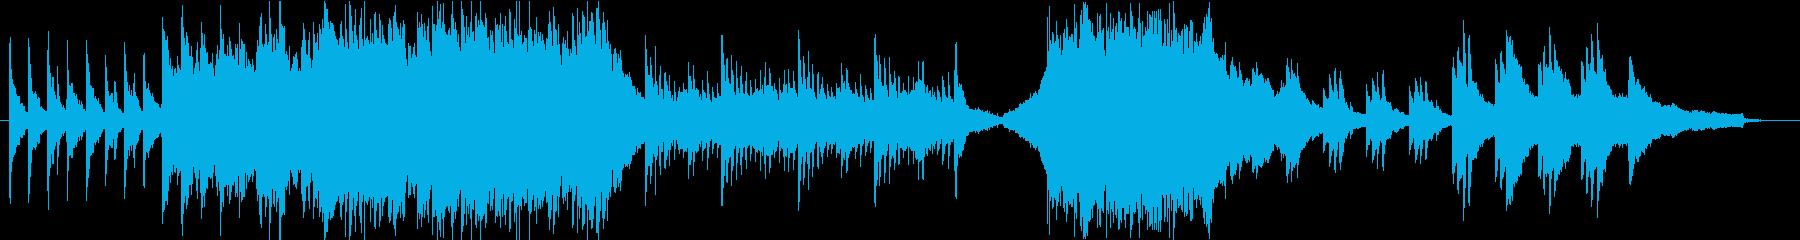 4種の展開のあるBGMの再生済みの波形